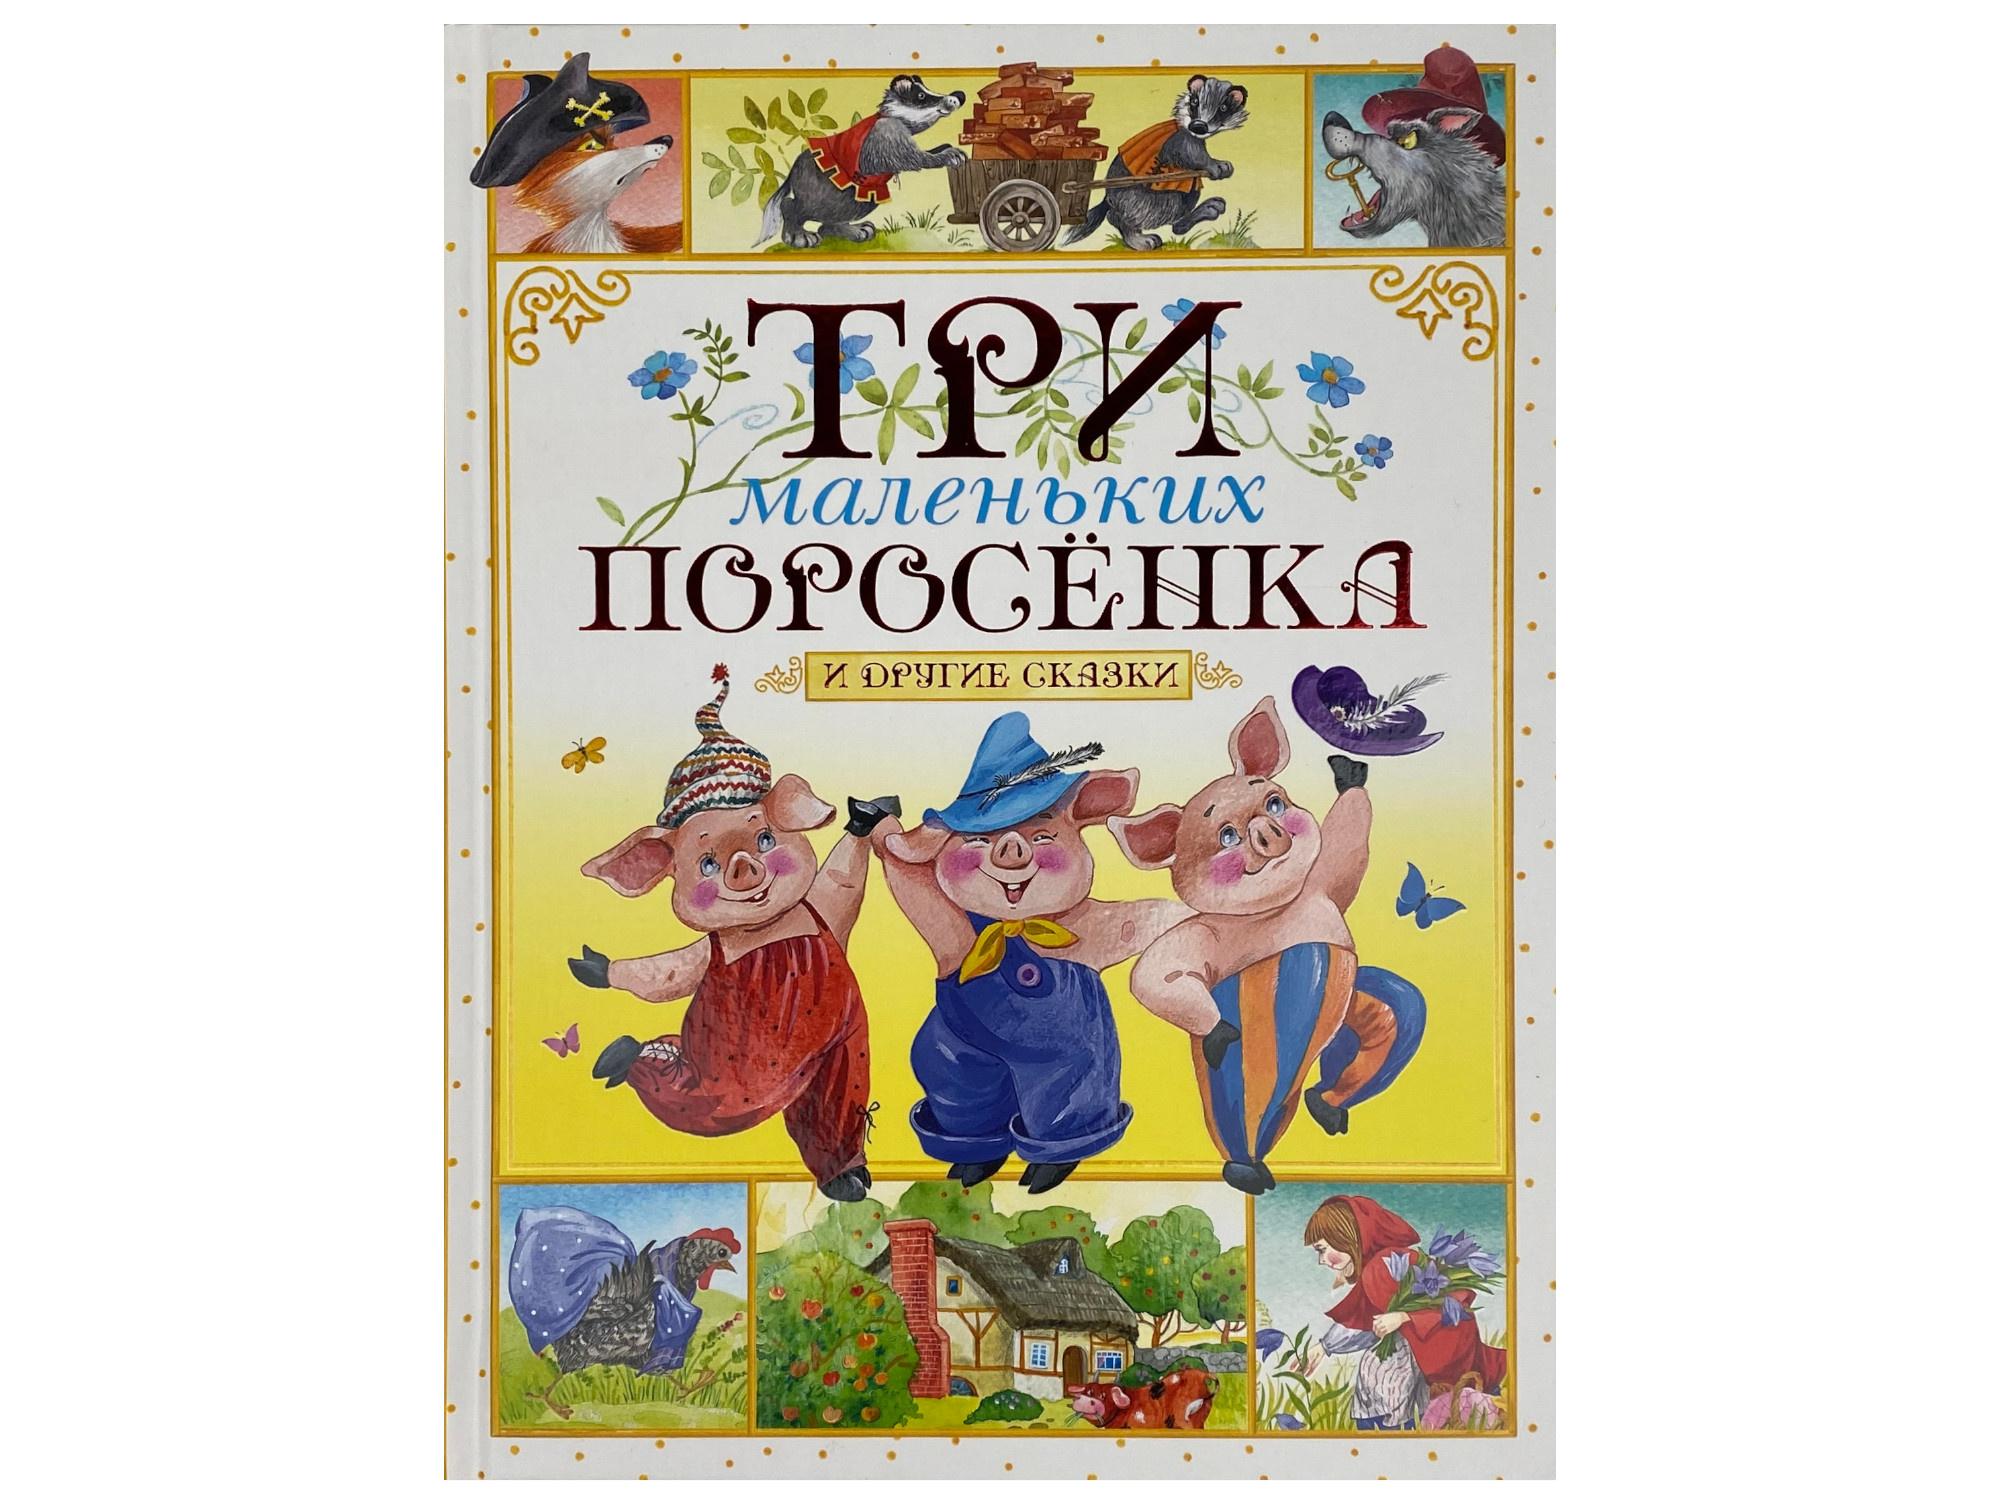 Три маленьких поросёнка и другие сказки. Автор — Игорь Носов. Переплет —